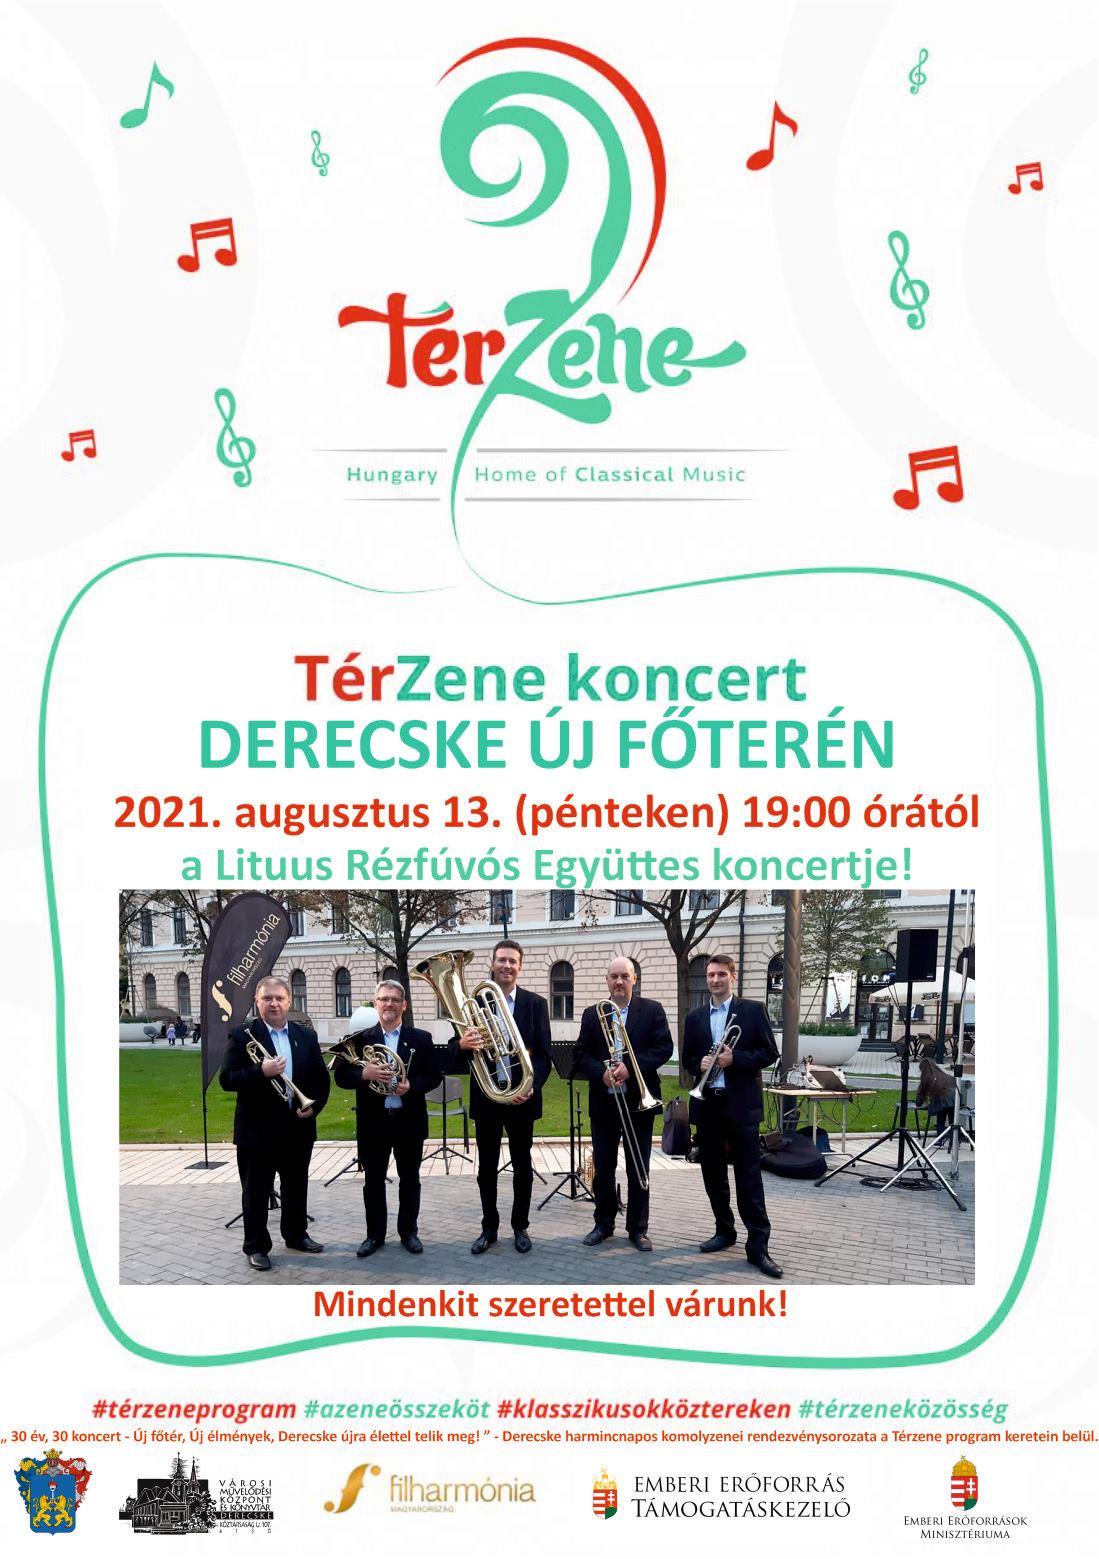 Térzene koncert-Lituus Rézfúvós Együttes